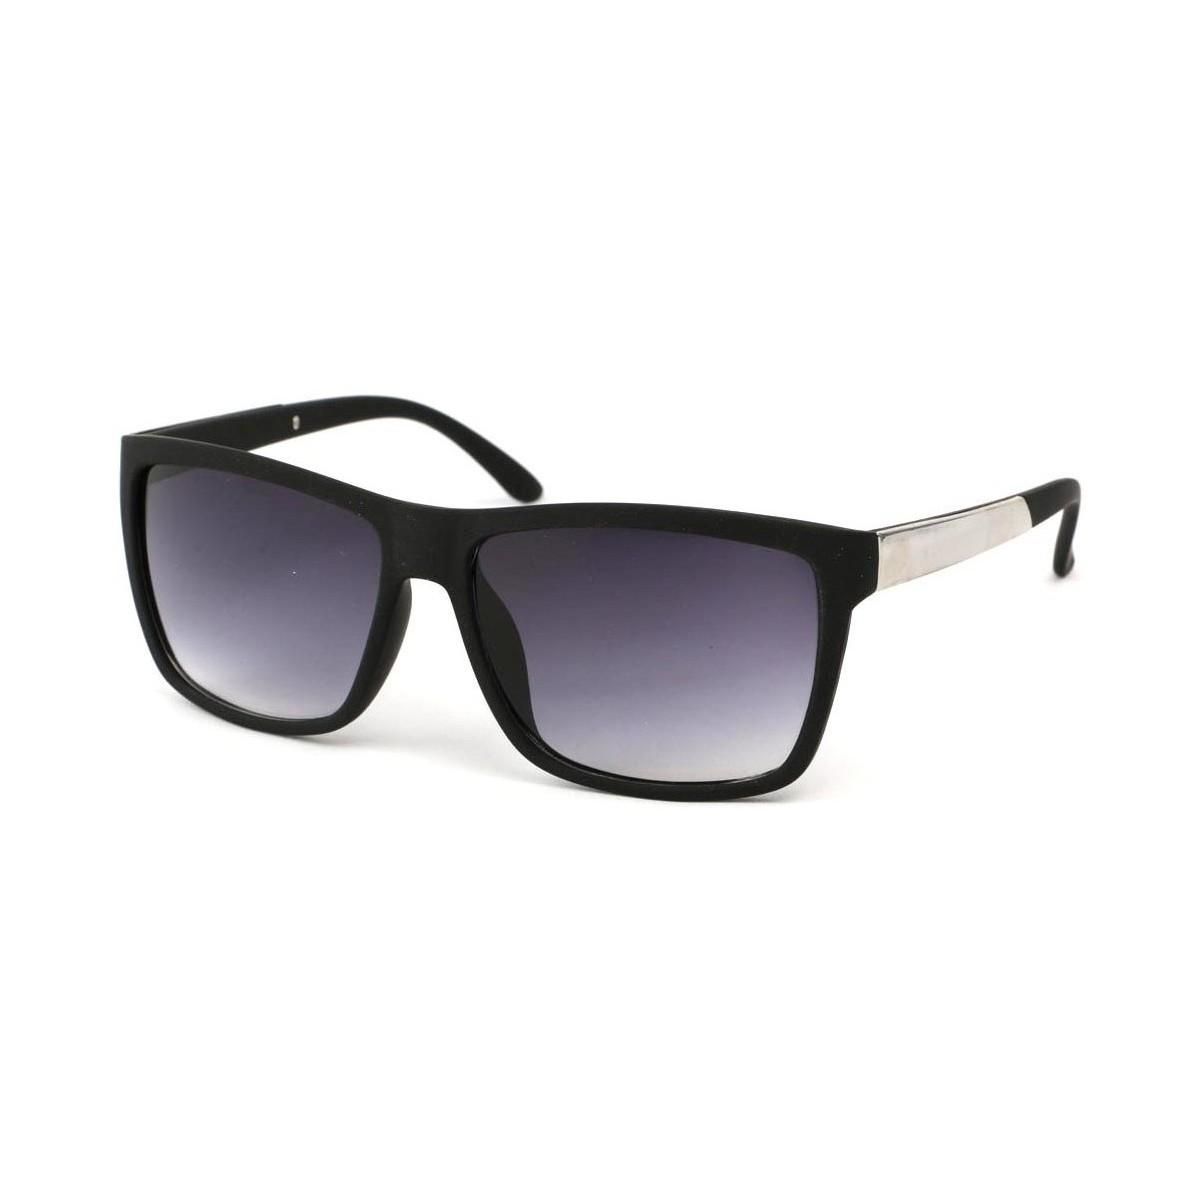 Eye Wear Lunettes Soleil Blue avec monture Noire et argentée Noir